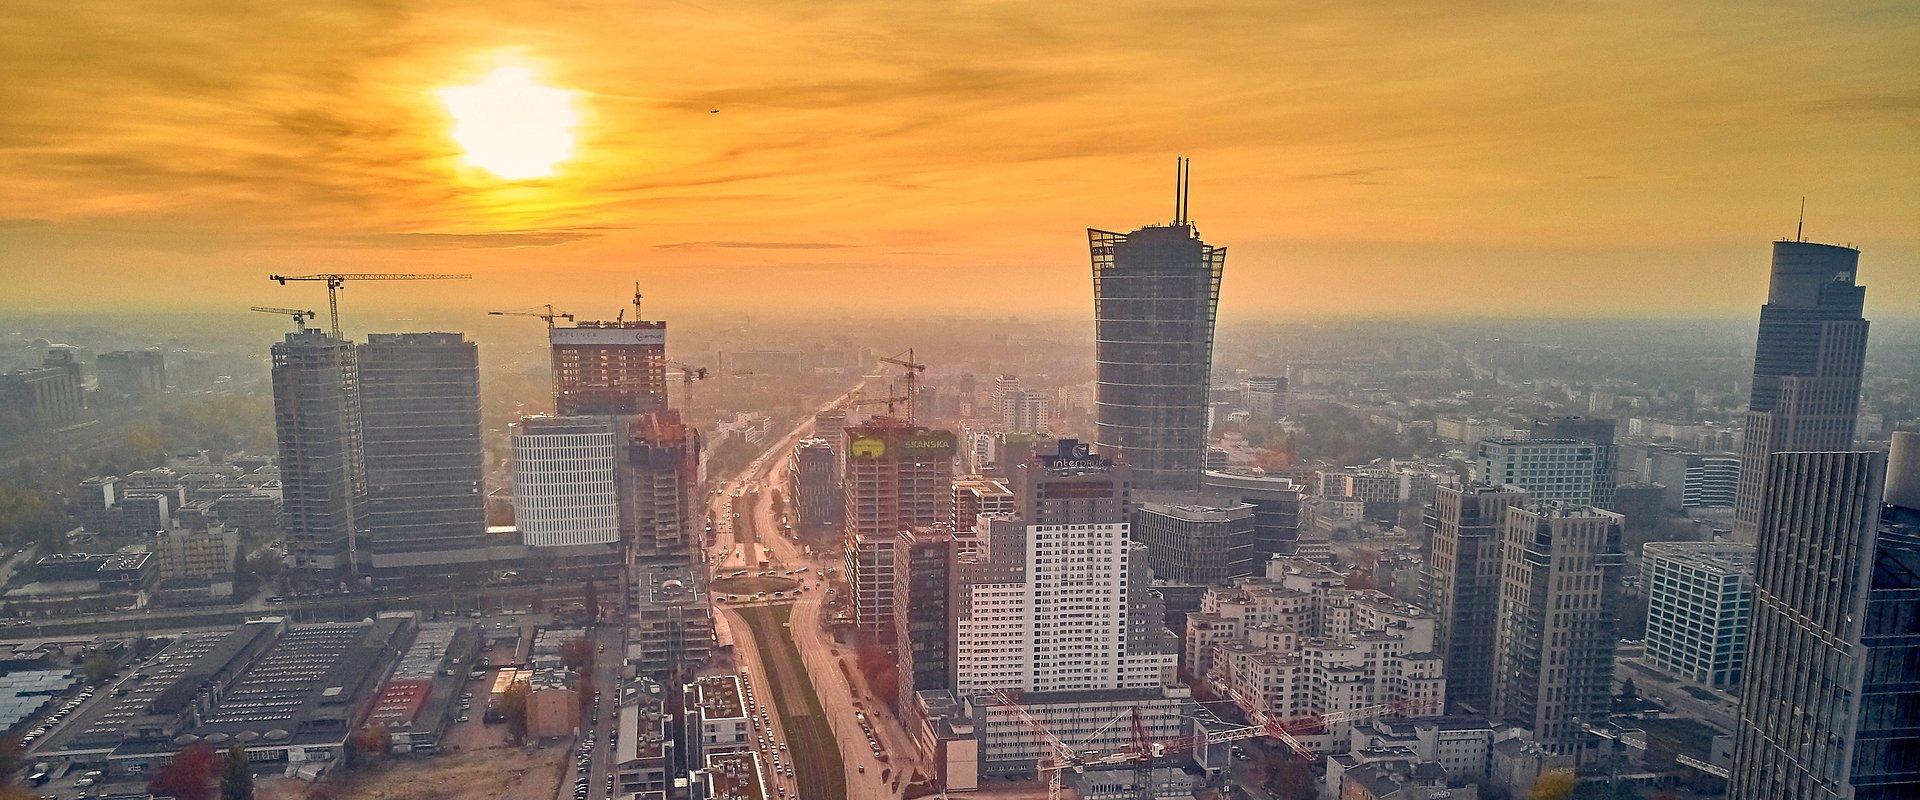 Inwestorzy ostrożni, ale wciąż zainteresowani nieruchomościami komercyjnymi w Polsce. Magazyny idą na rekord.